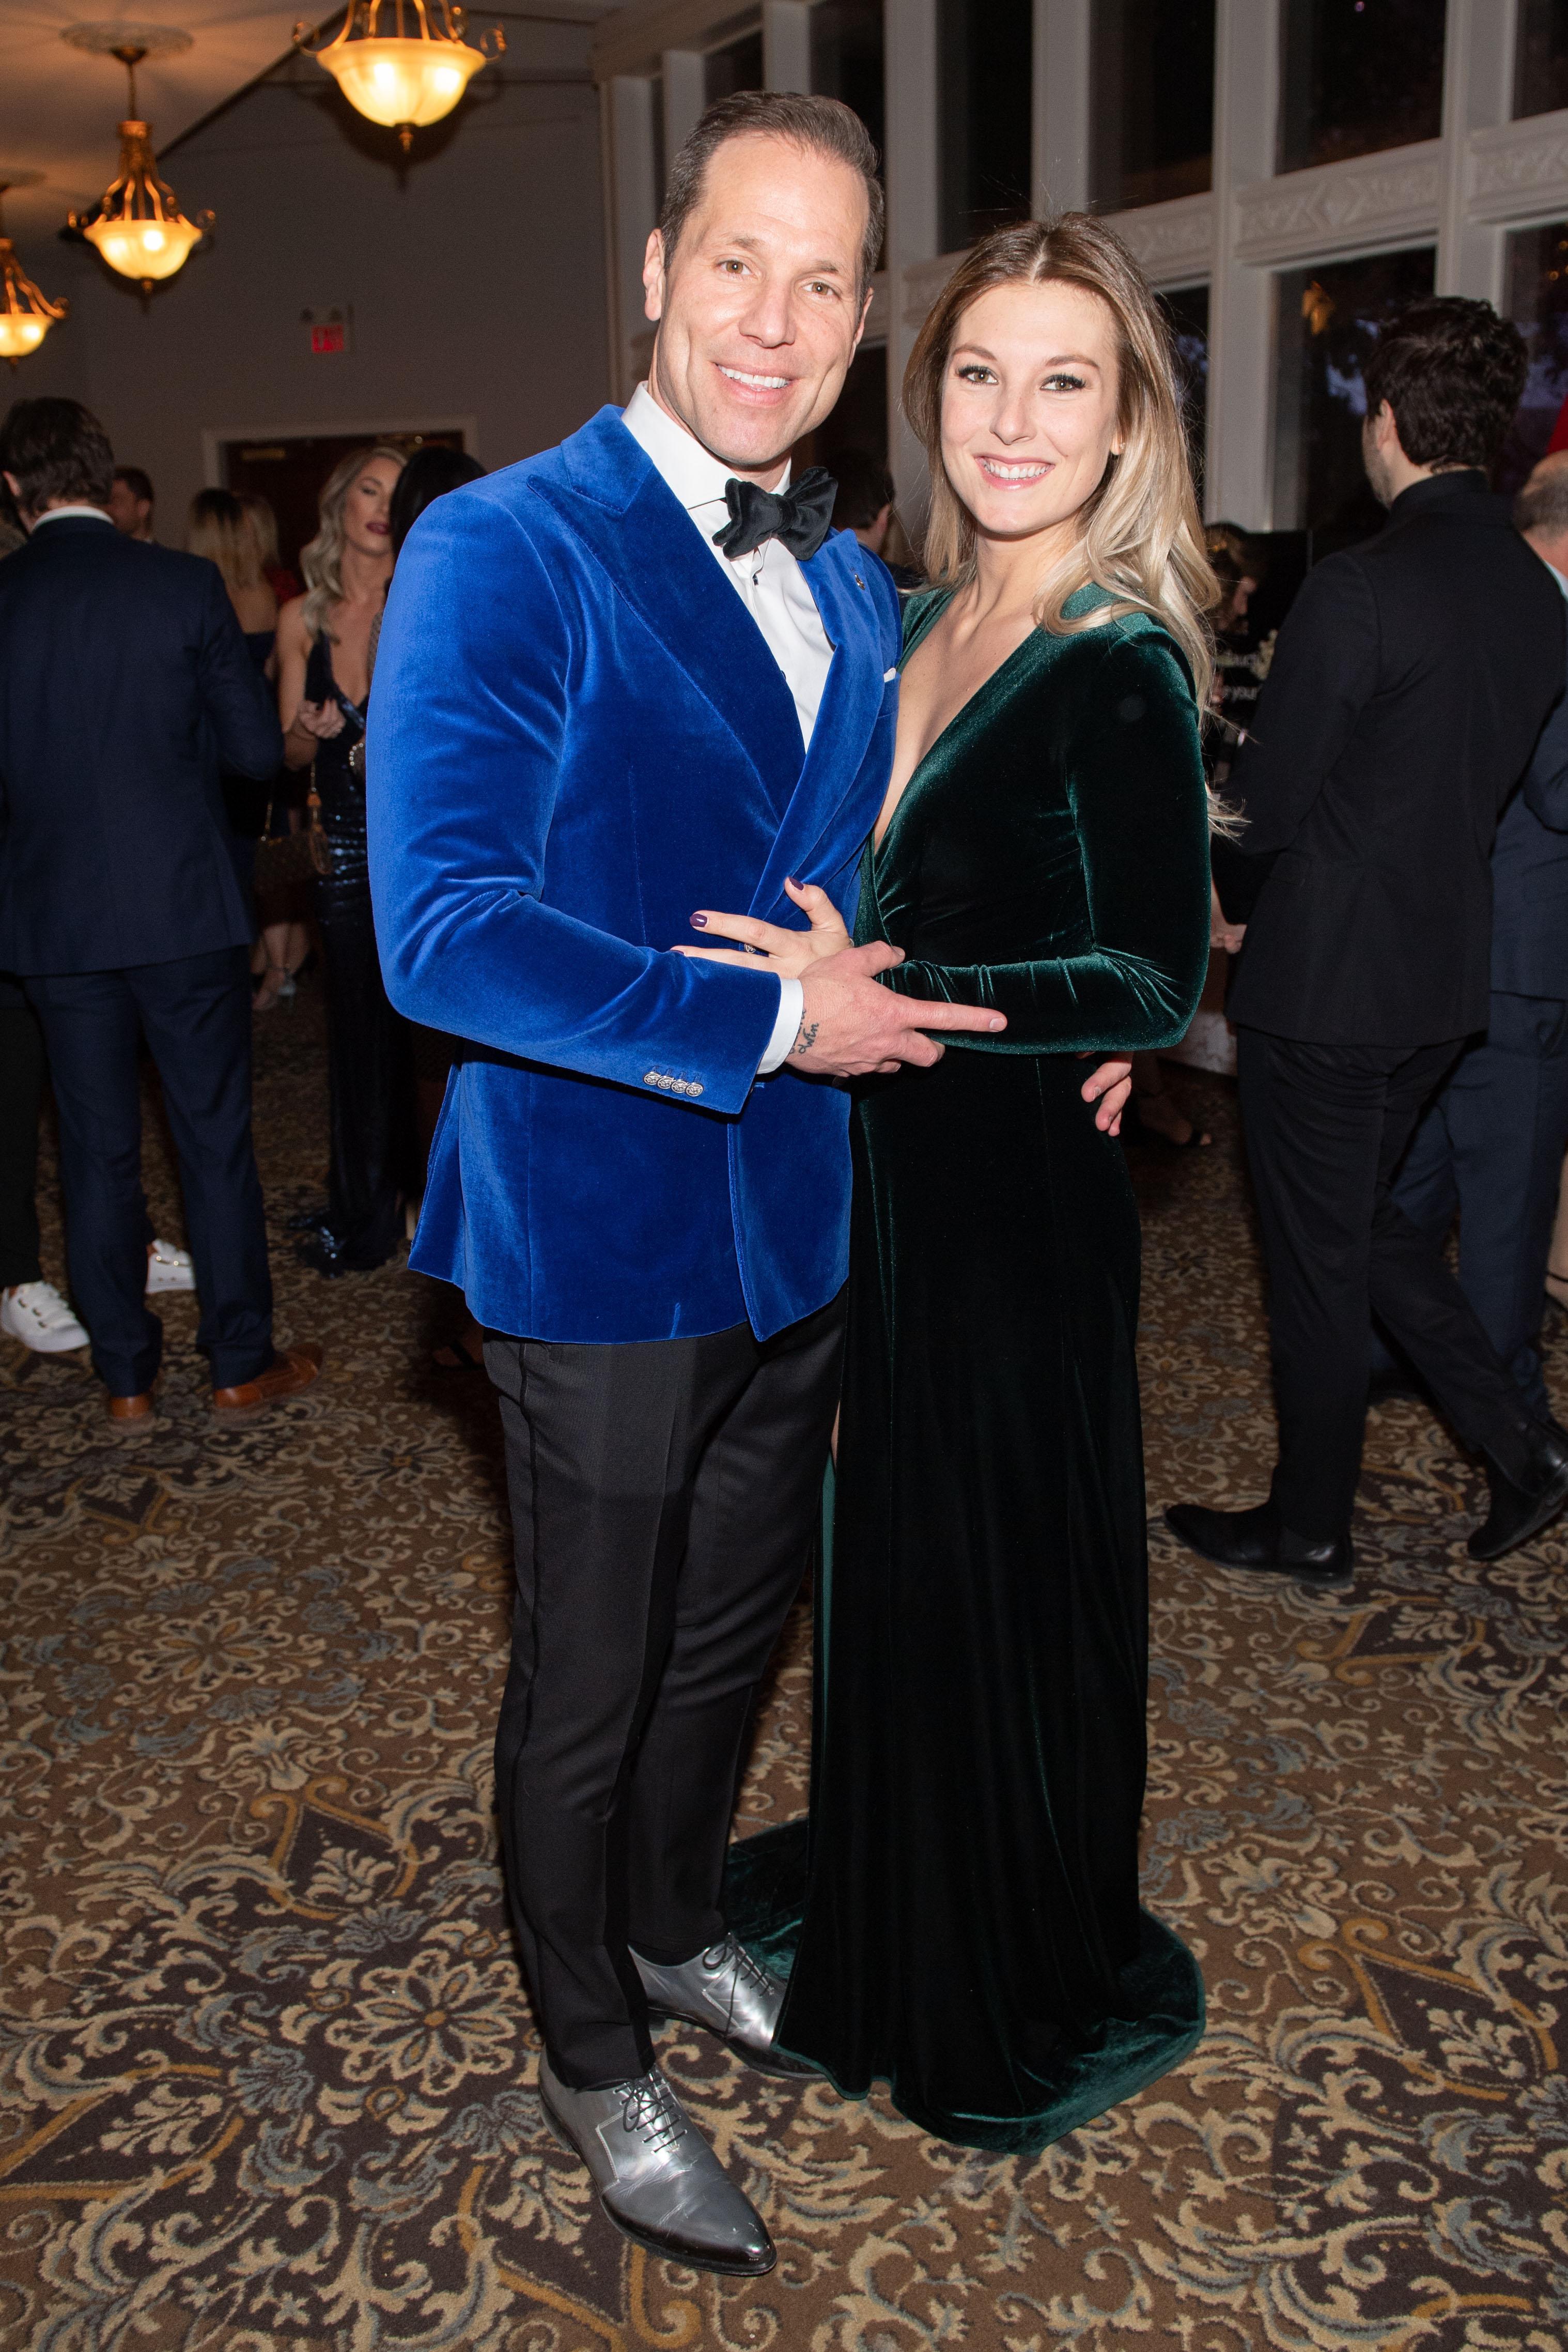 Paul & Lauren Etherington